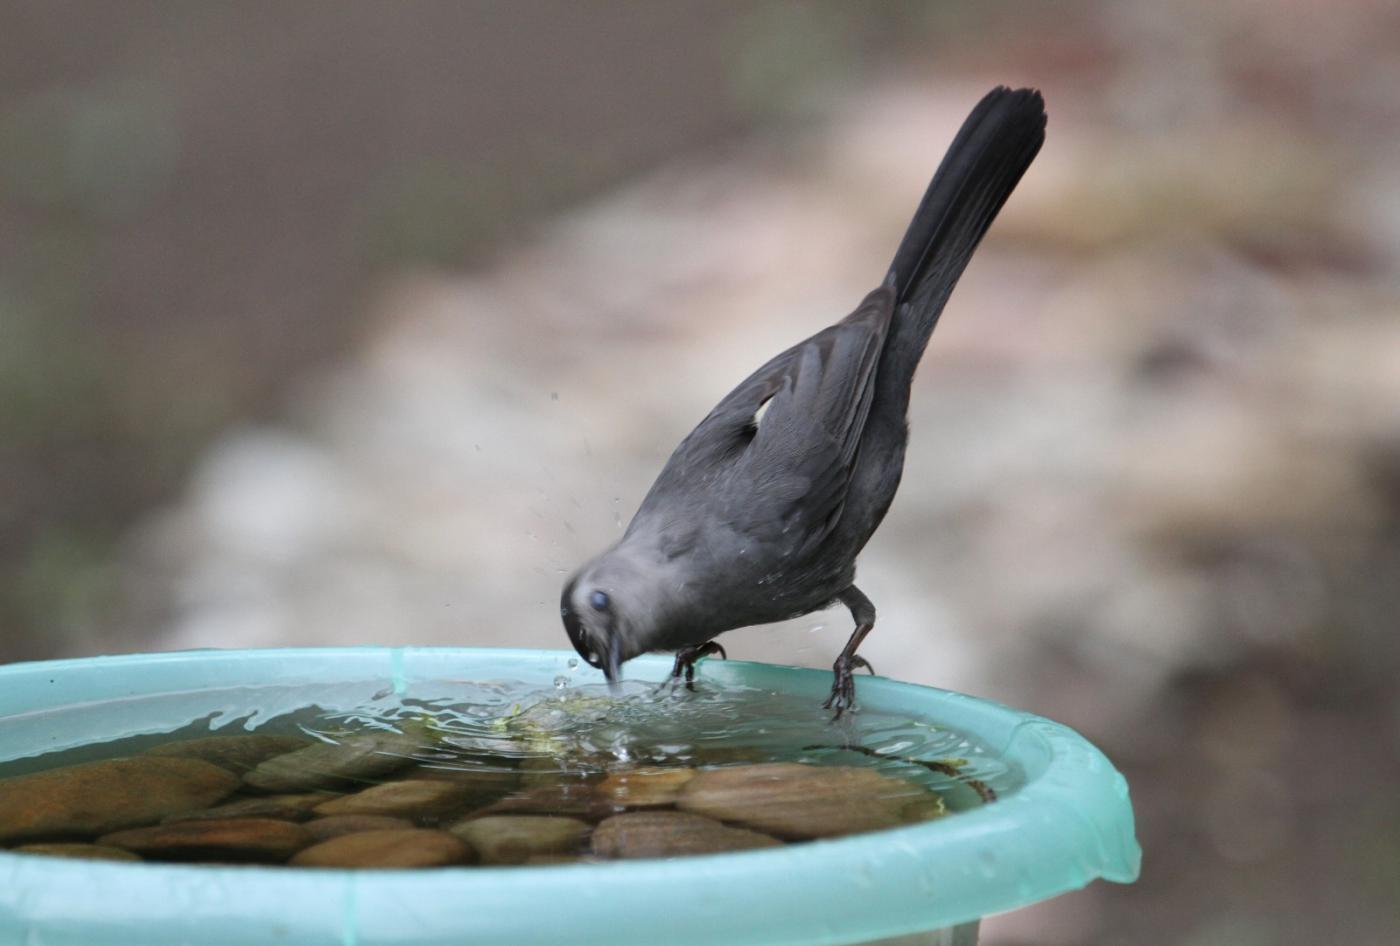 【田螺摄影】摆盆水在后院猫鸟就来淋浴了_图1-5